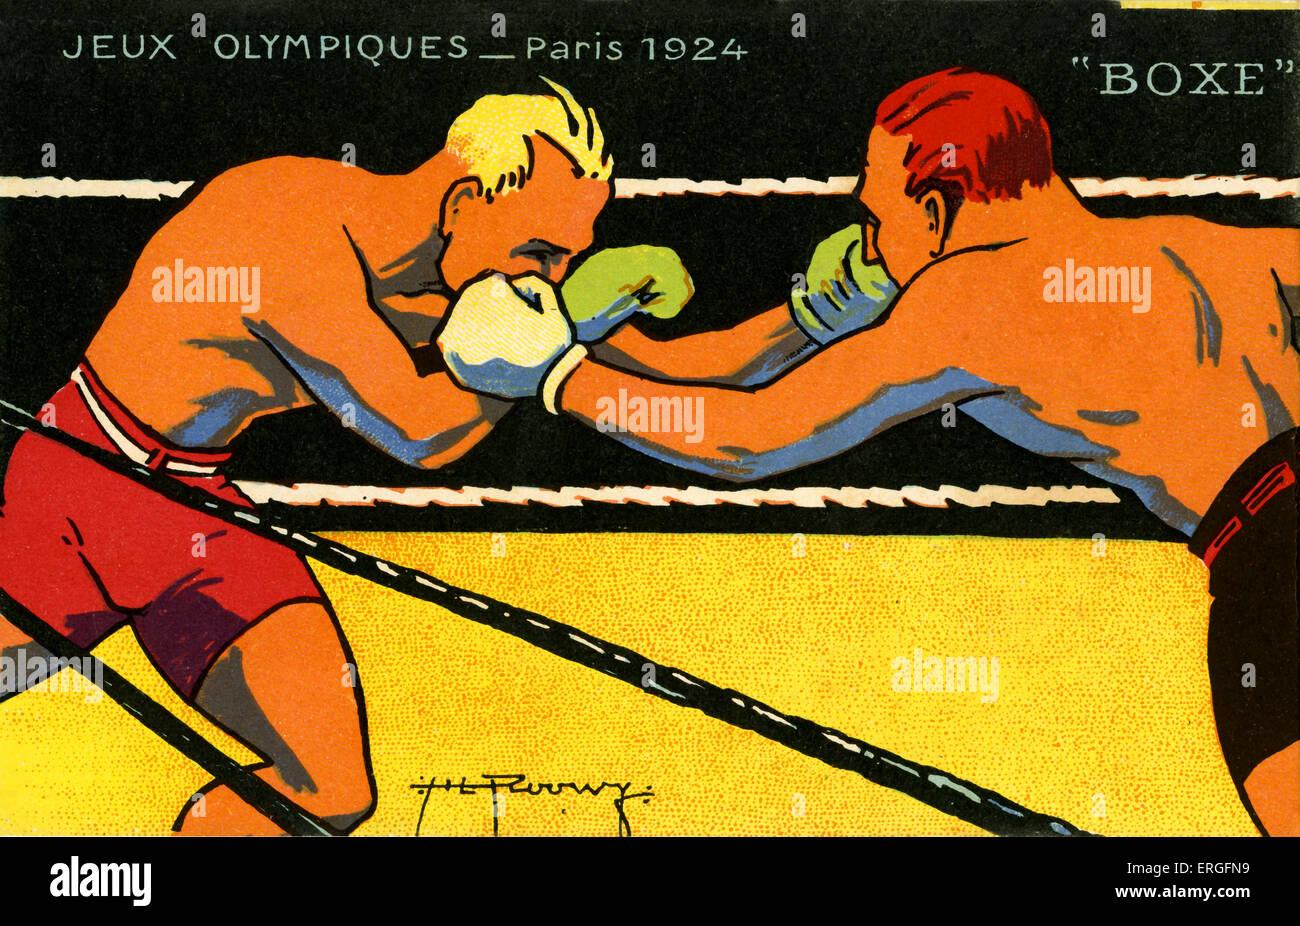 1924 Jeux Olympiques Paris France. Boxeurs, championnat de boxe. Jeux Olympiques Photo Stock